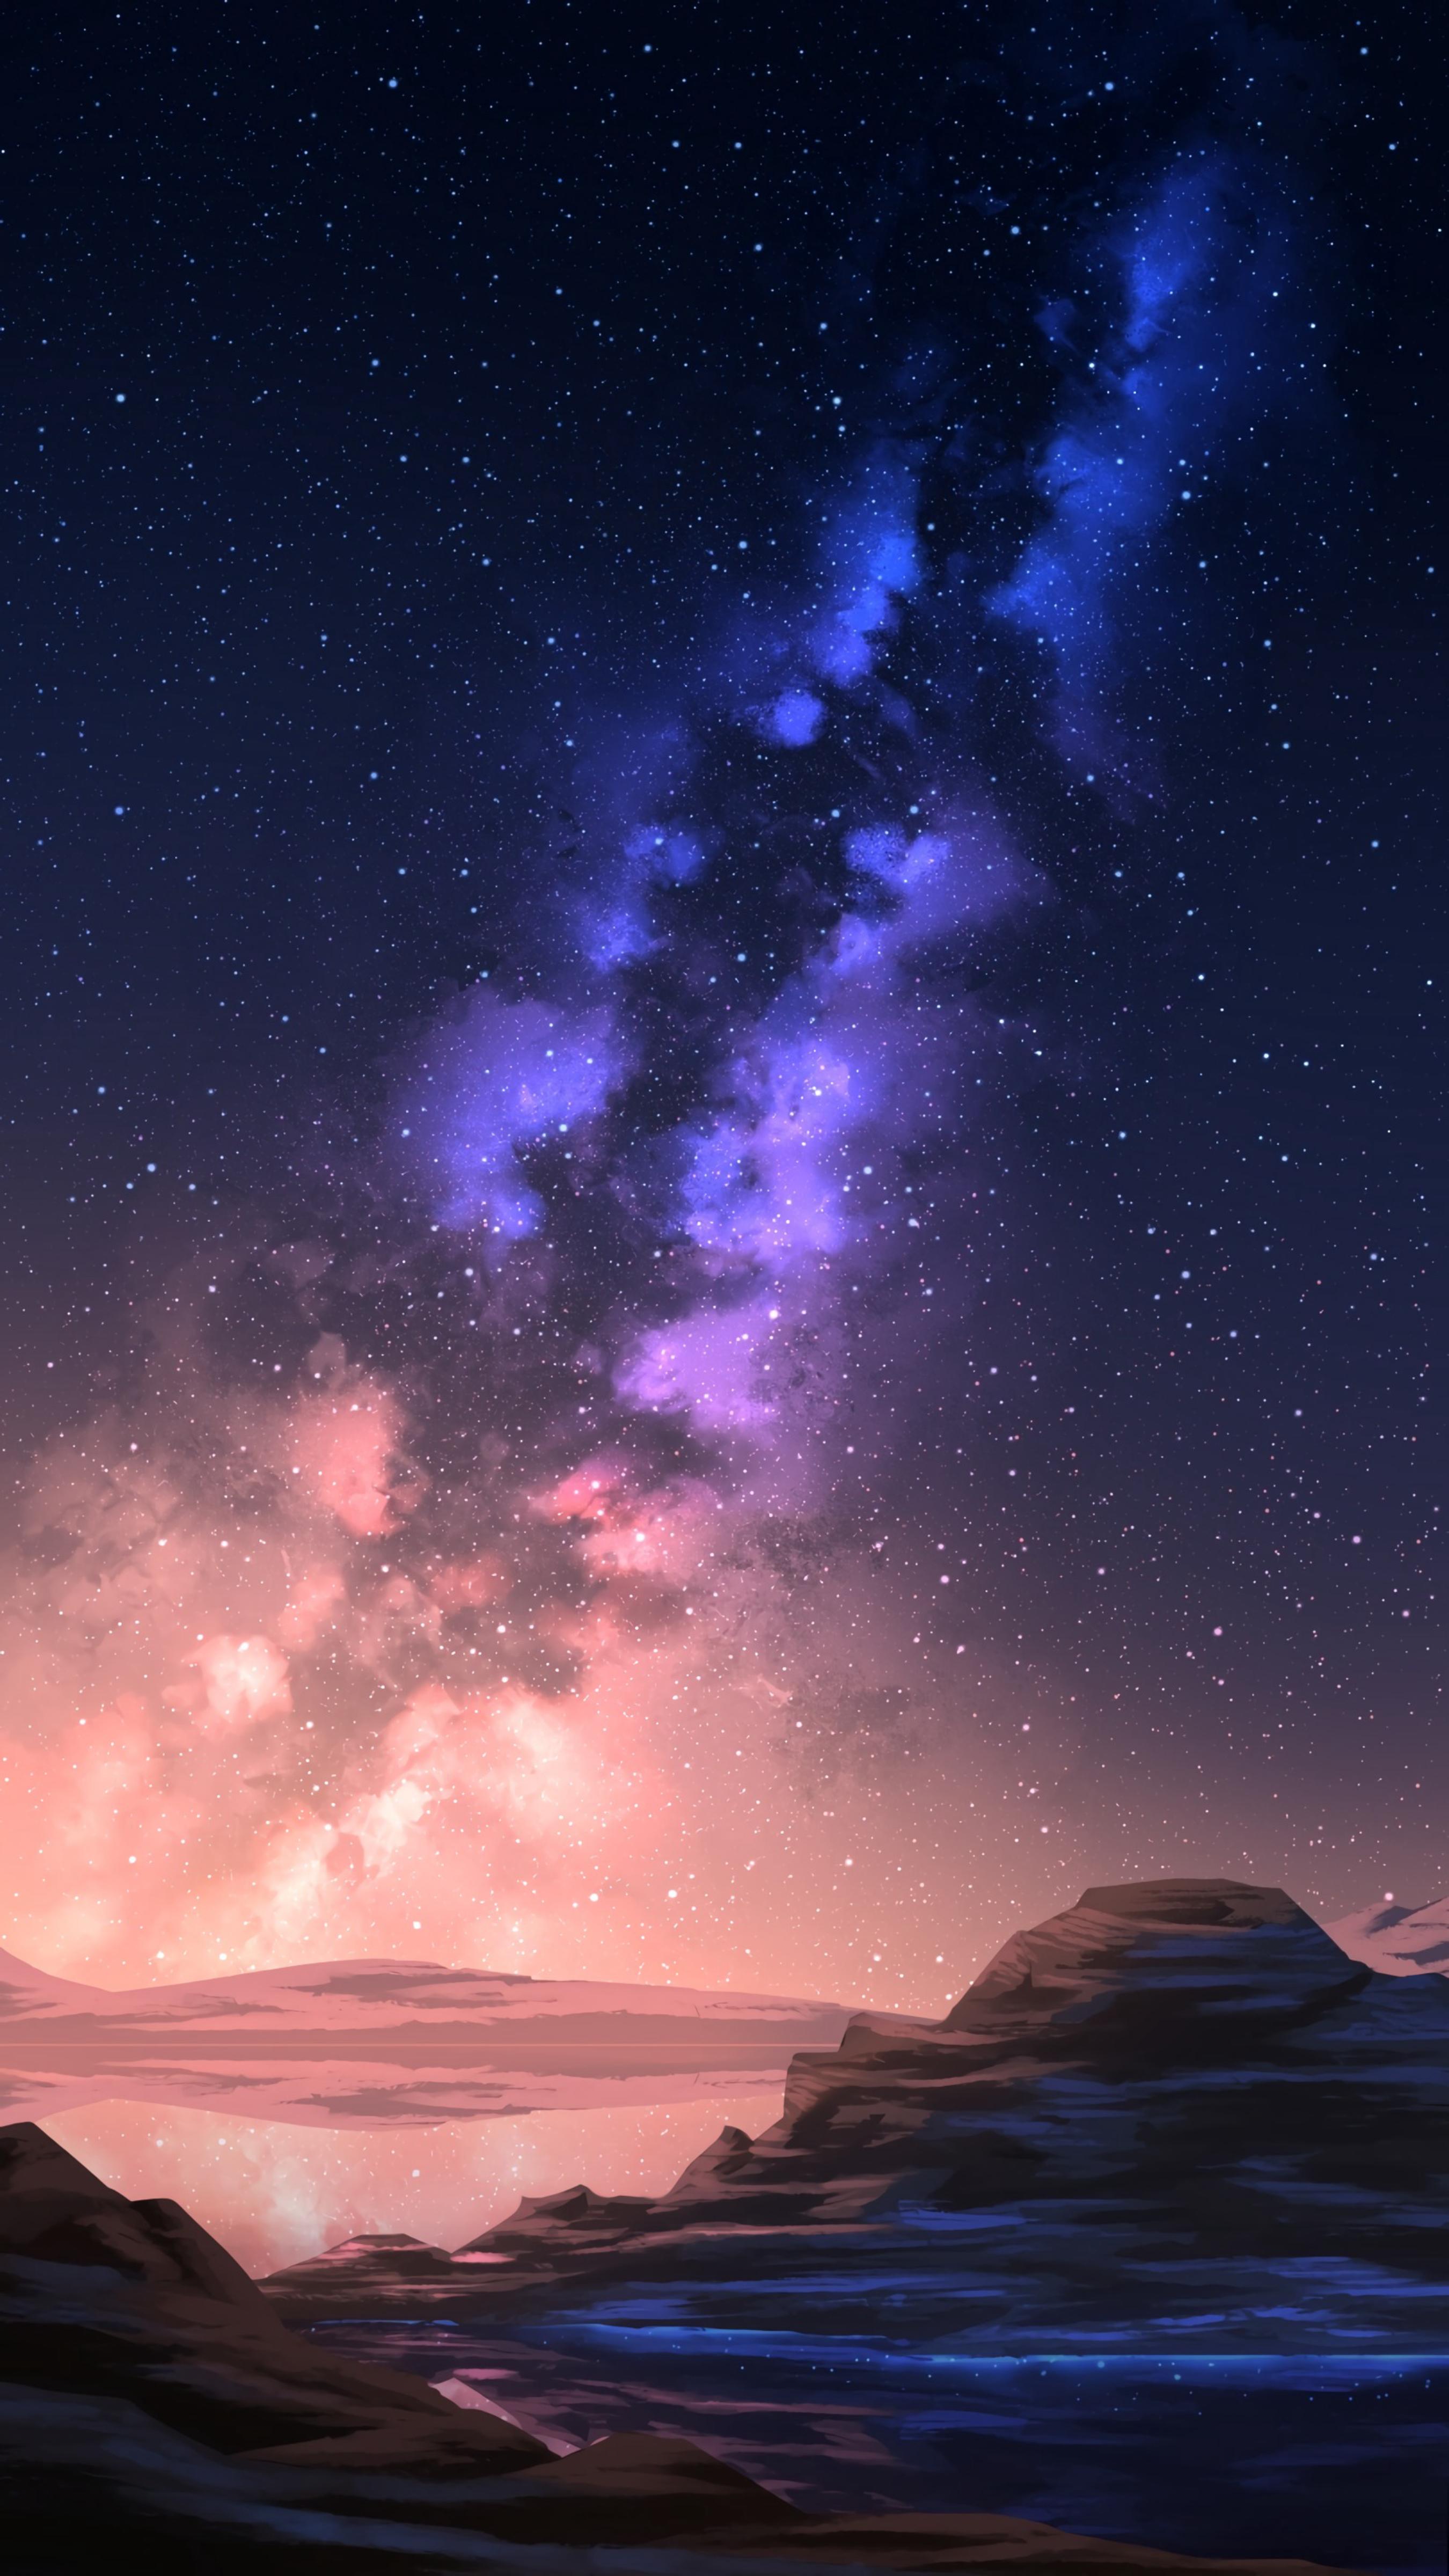 141387 скачать обои Арт, Звезды, Ночь, Гора, Звездное Небо - заставки и картинки бесплатно